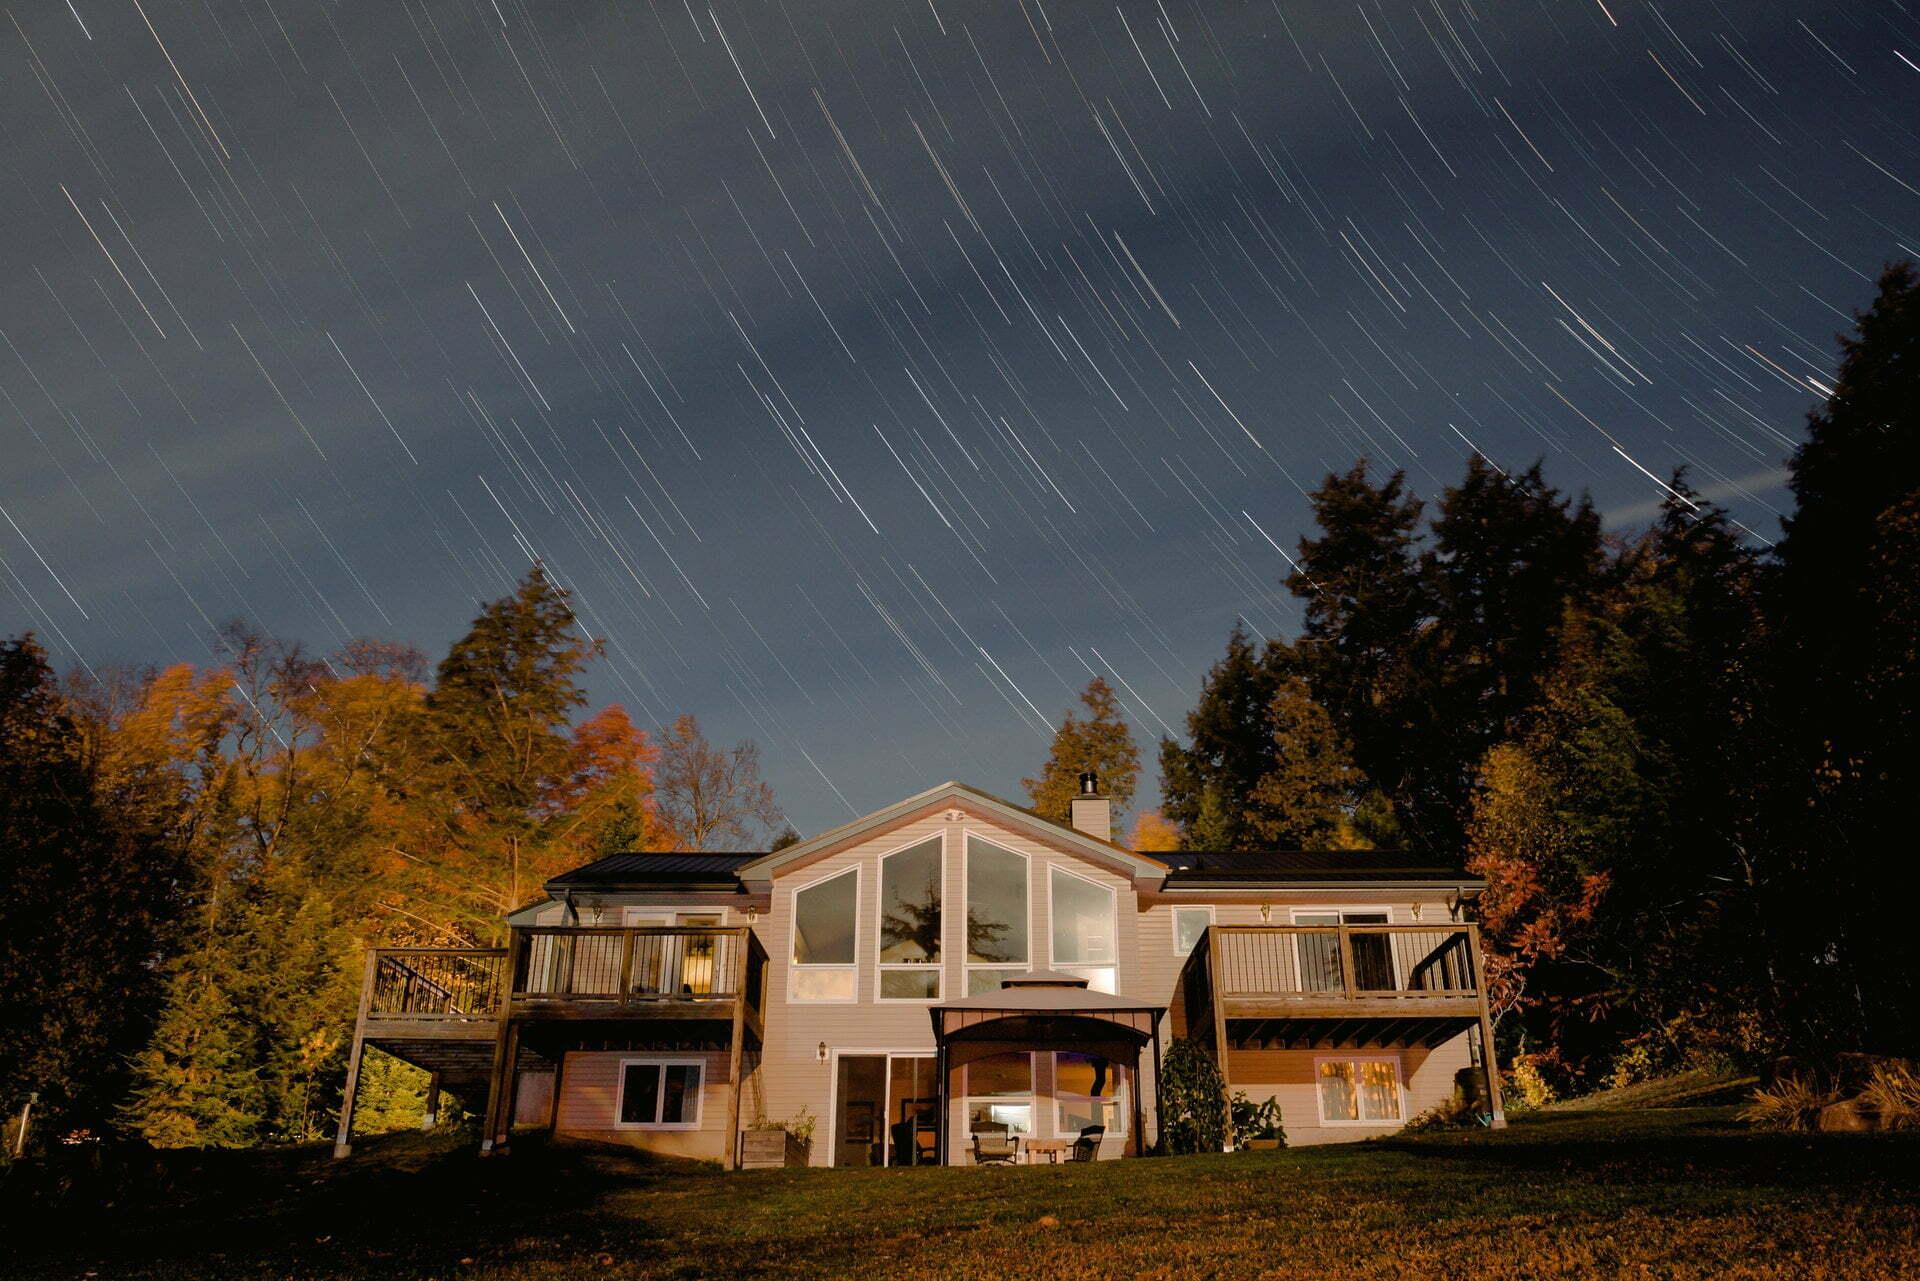 bescherm je huis tegen stormschade